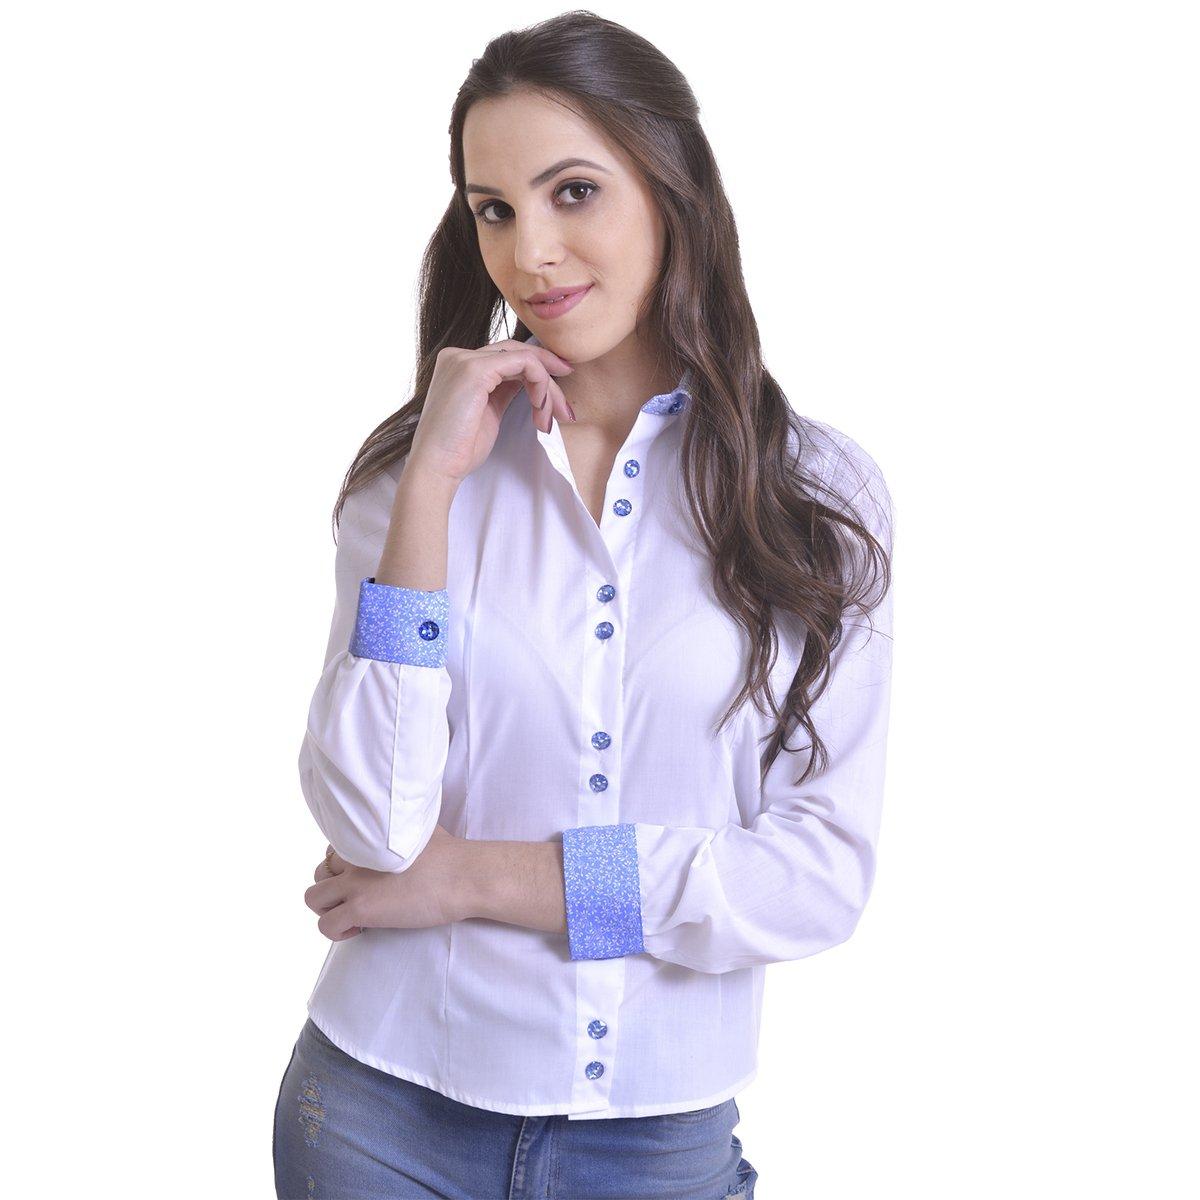 95.028 Camisa Social Feminina Modelo E Branca Azul - Compre Agora ... a56822c8119